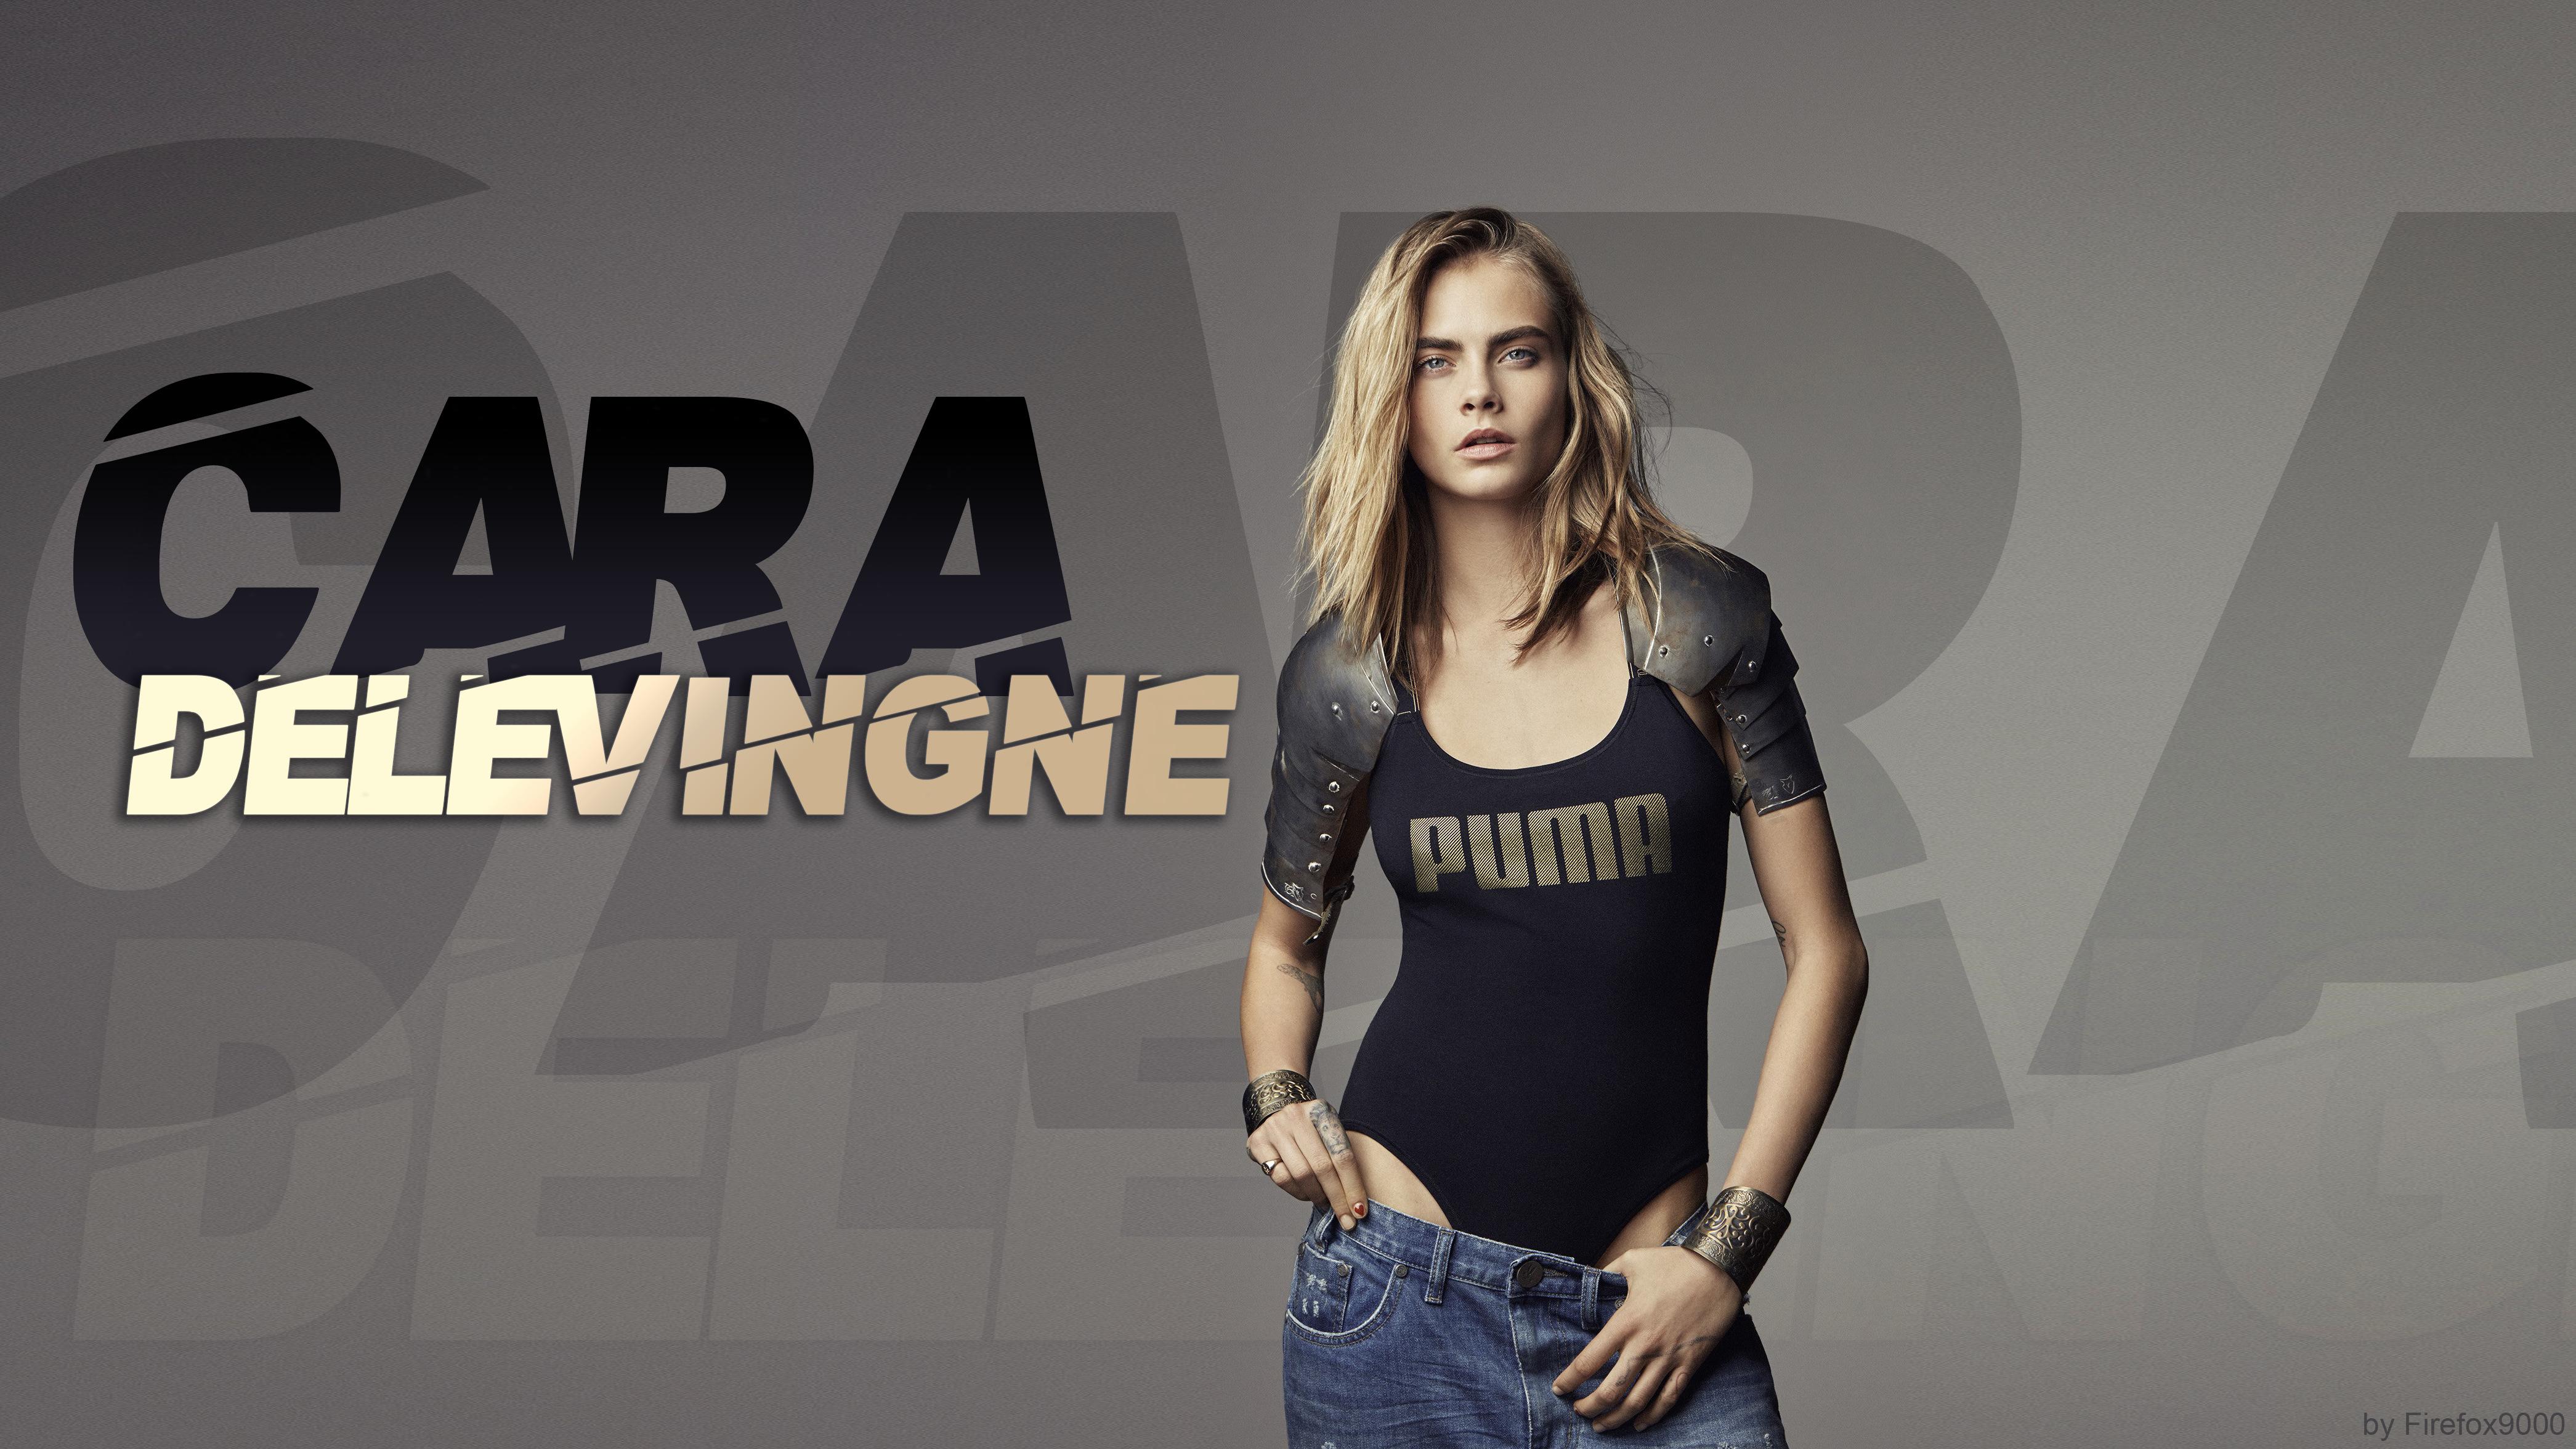 Cara Delevingne Puma Actress